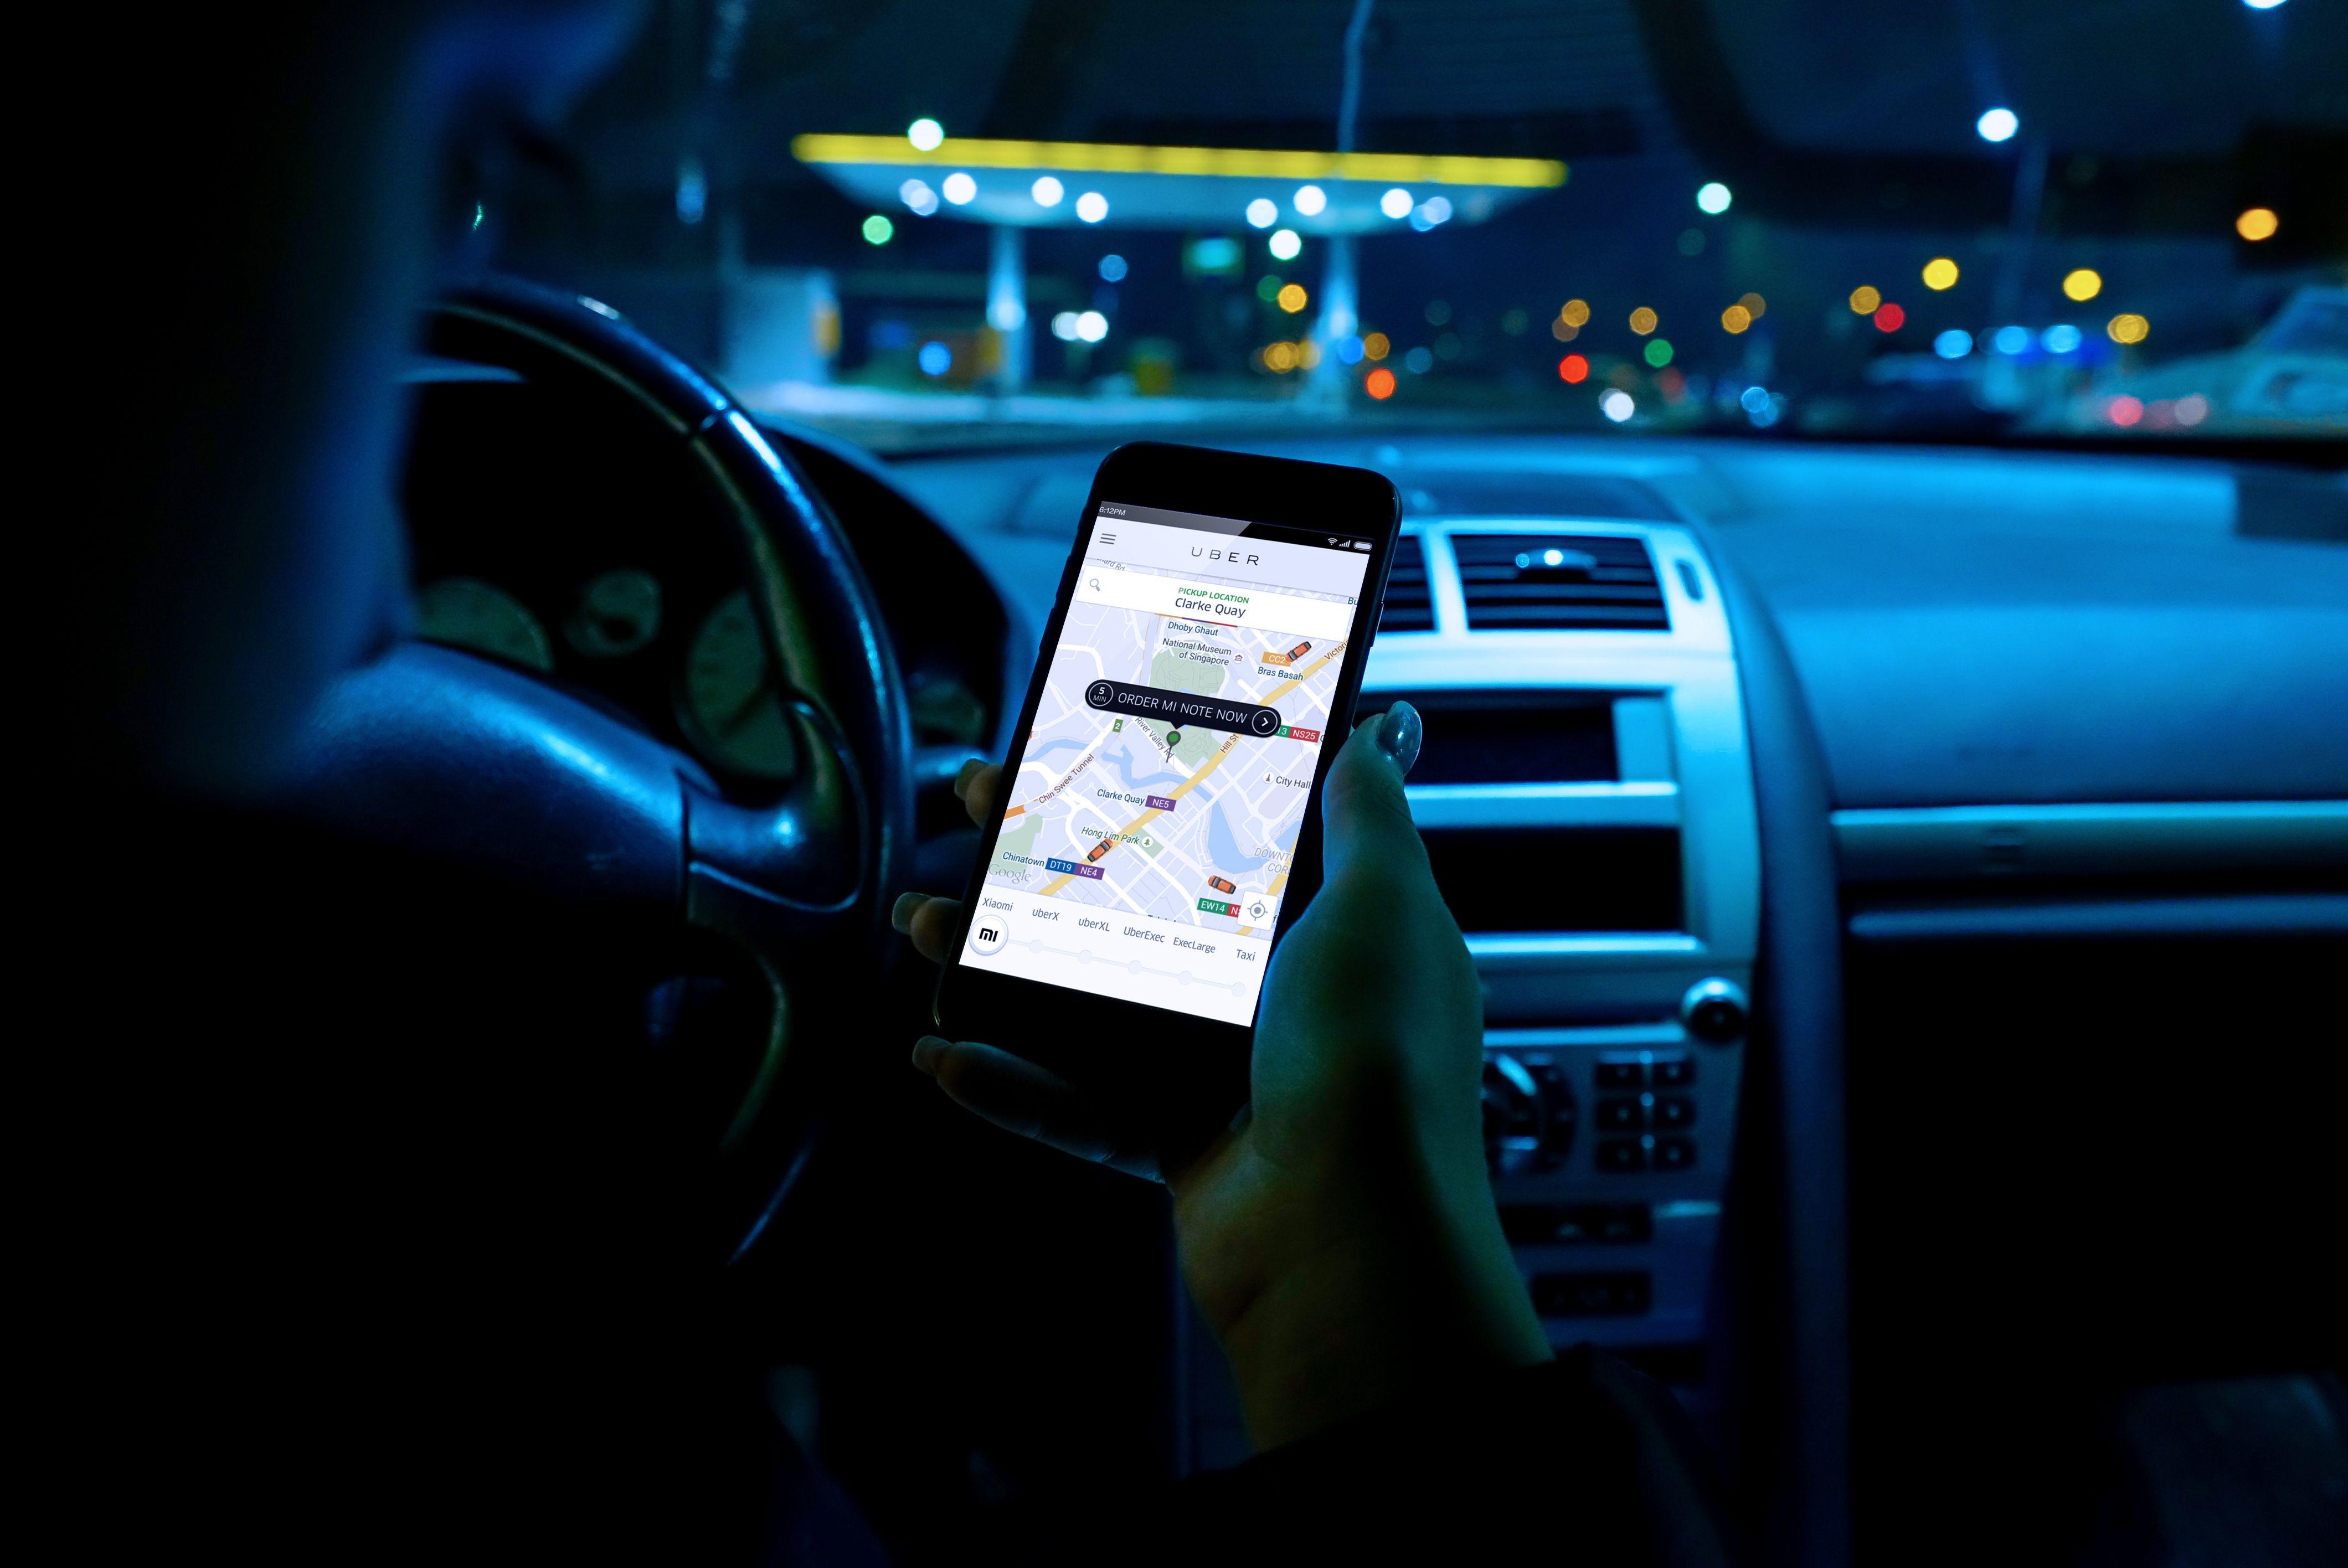 La plataforma Uber se ha extendido ya por todo el mundo, pero también soporta polémicas y conflictos con los taxis. Peculiaridades de esta forma de moverse